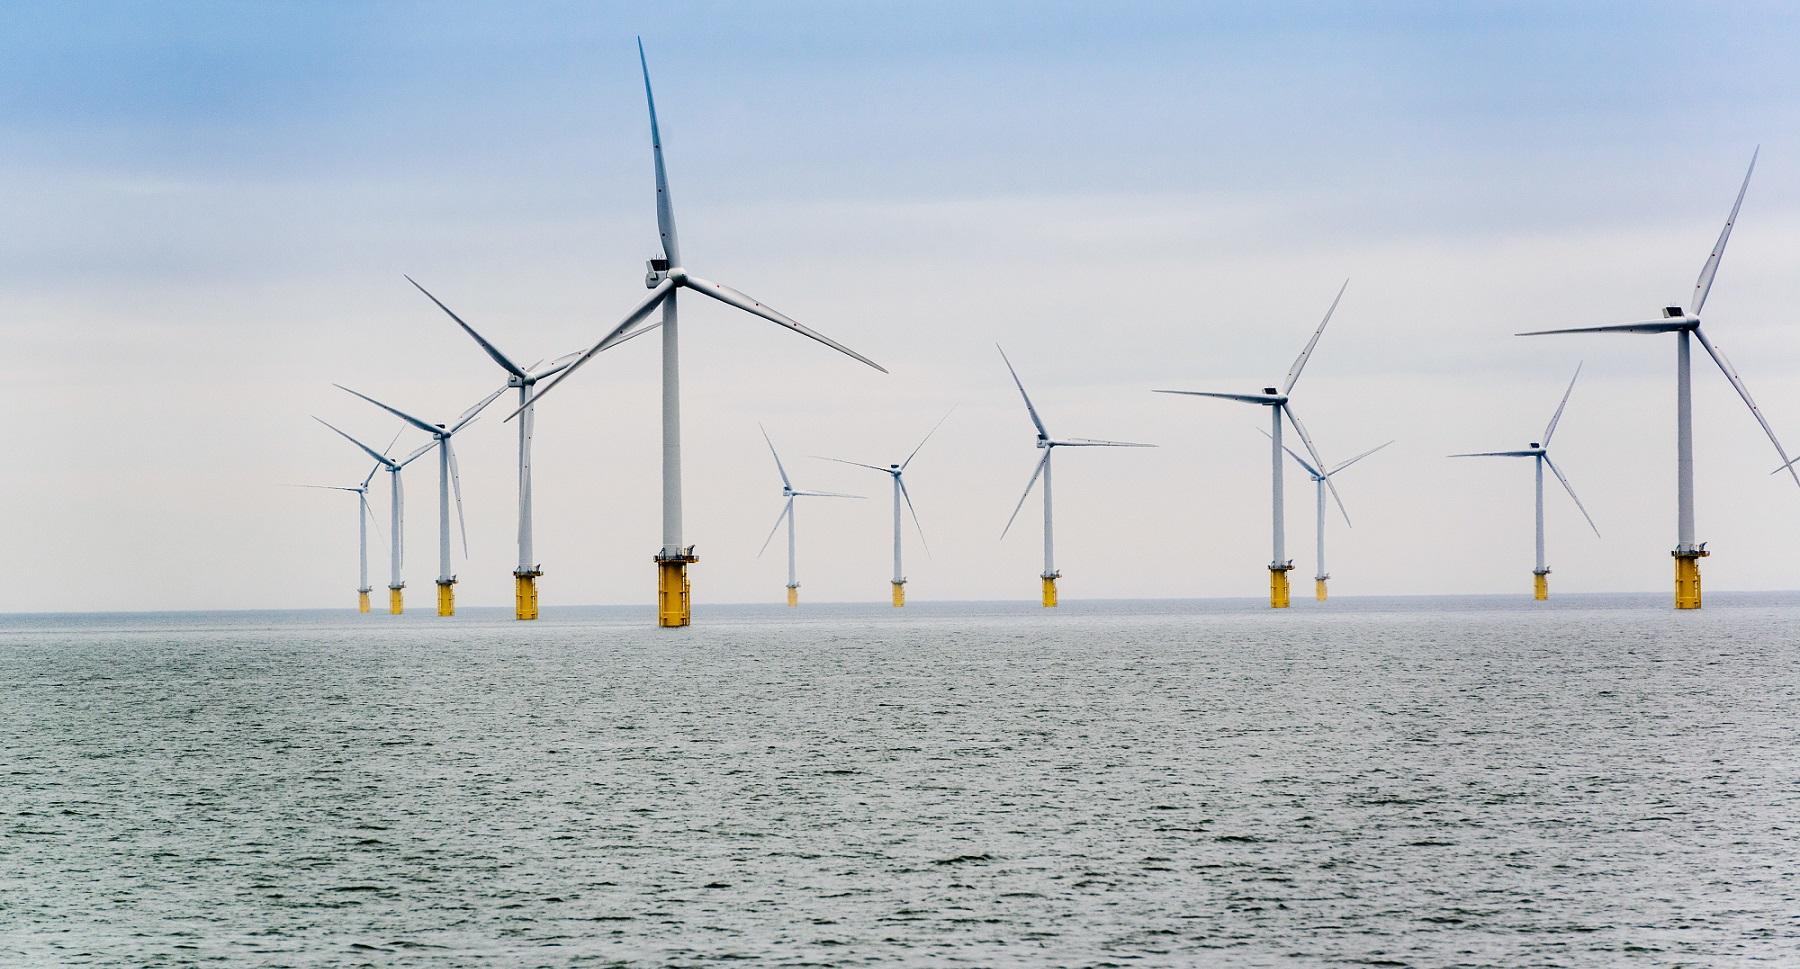 (c) Neil Holmes - offshorewind